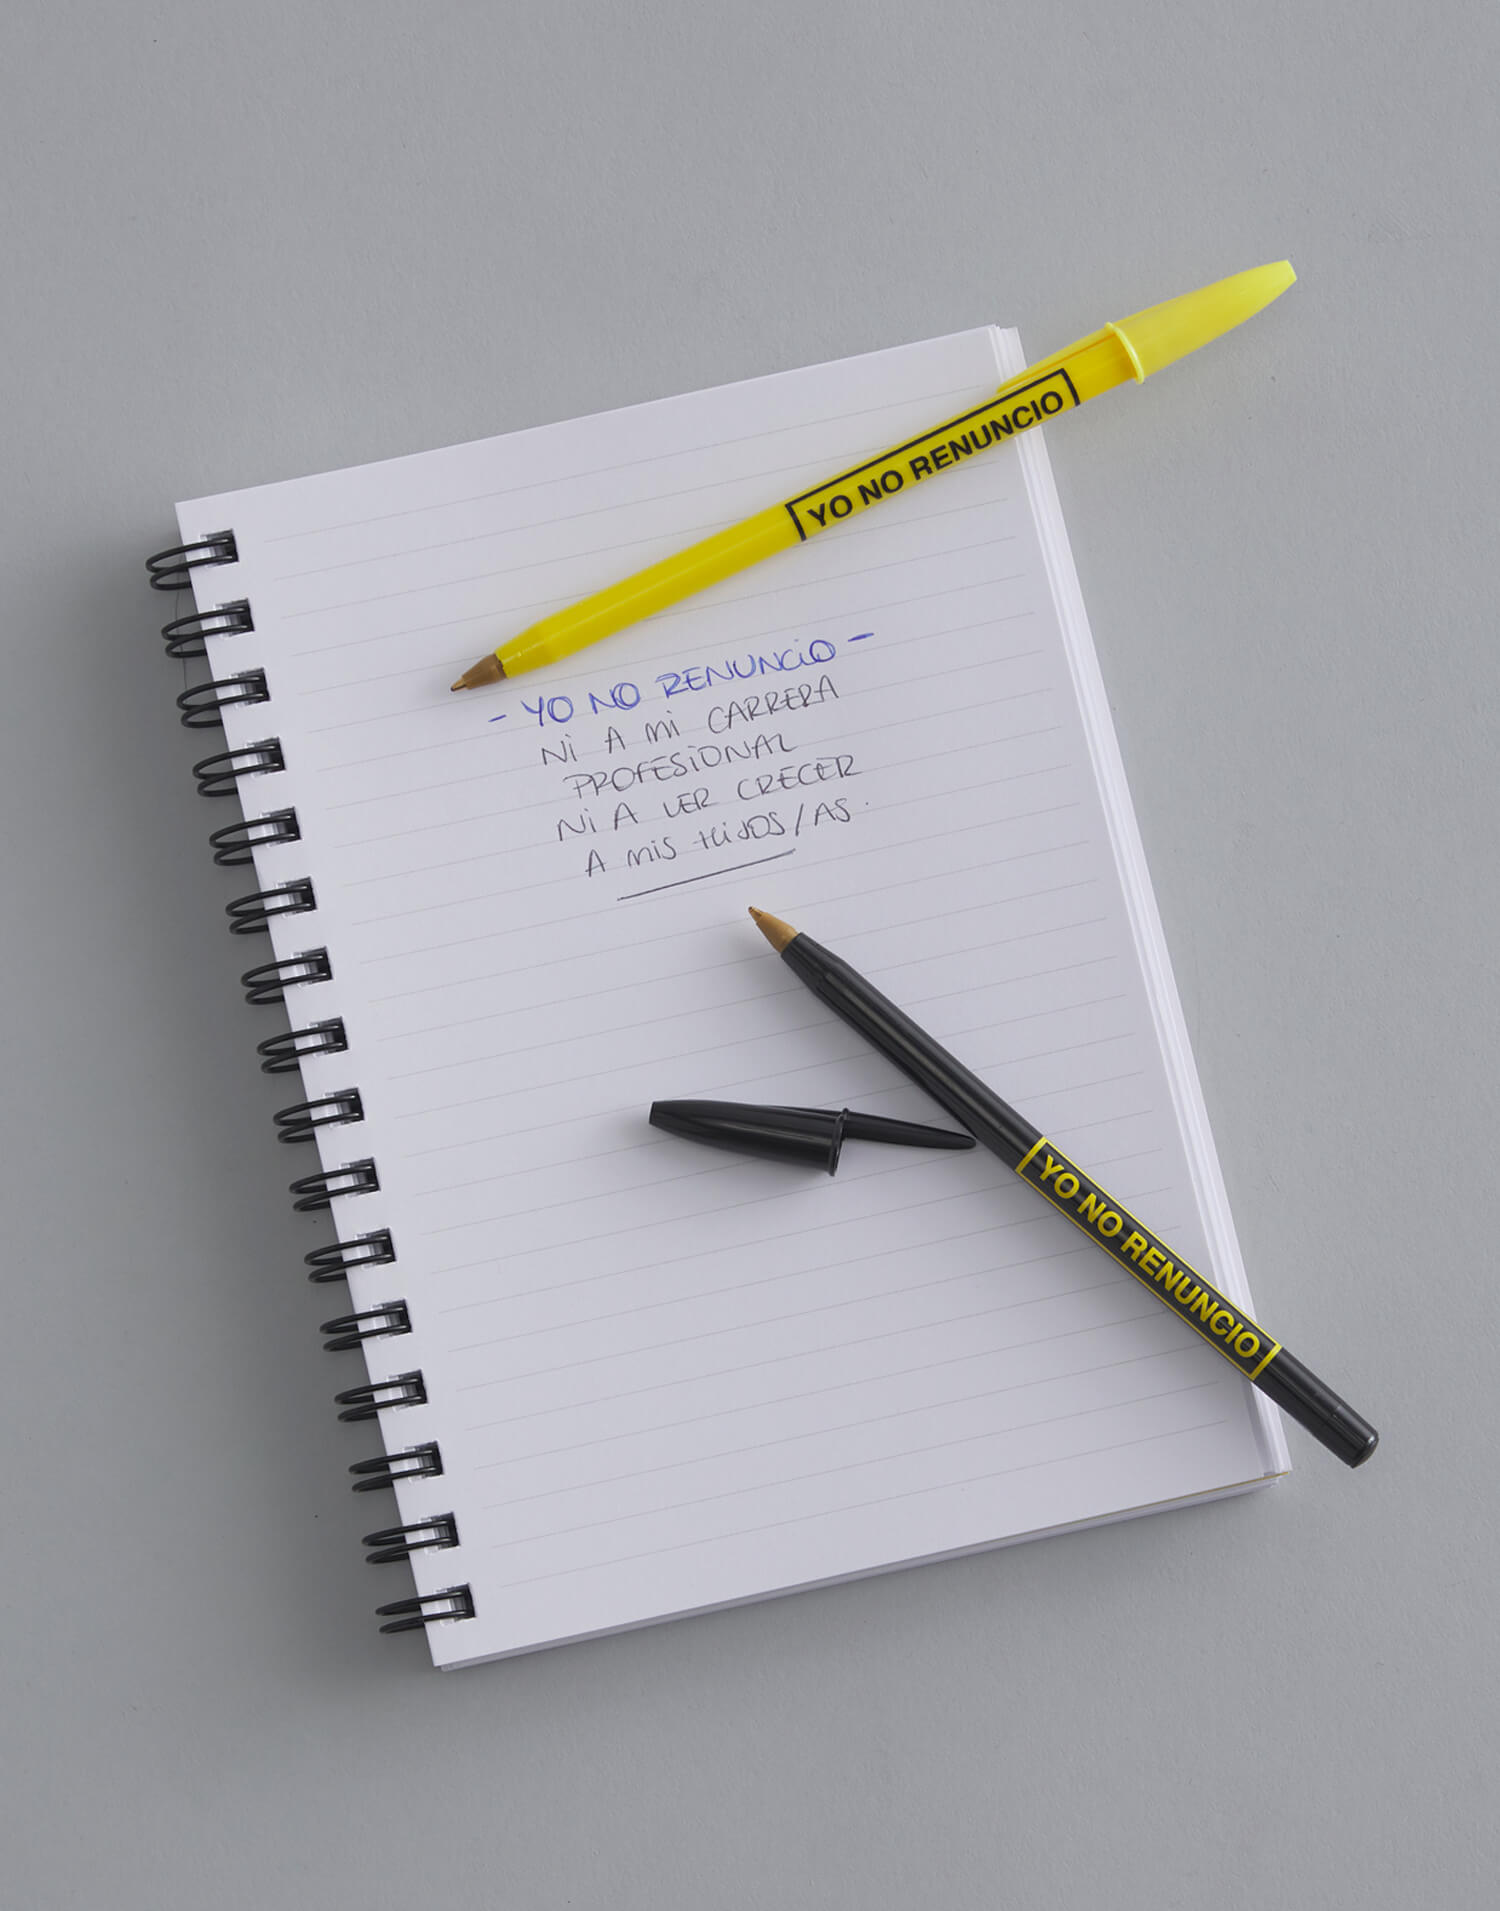 Pack de bolígrafos Yo No Renuncio